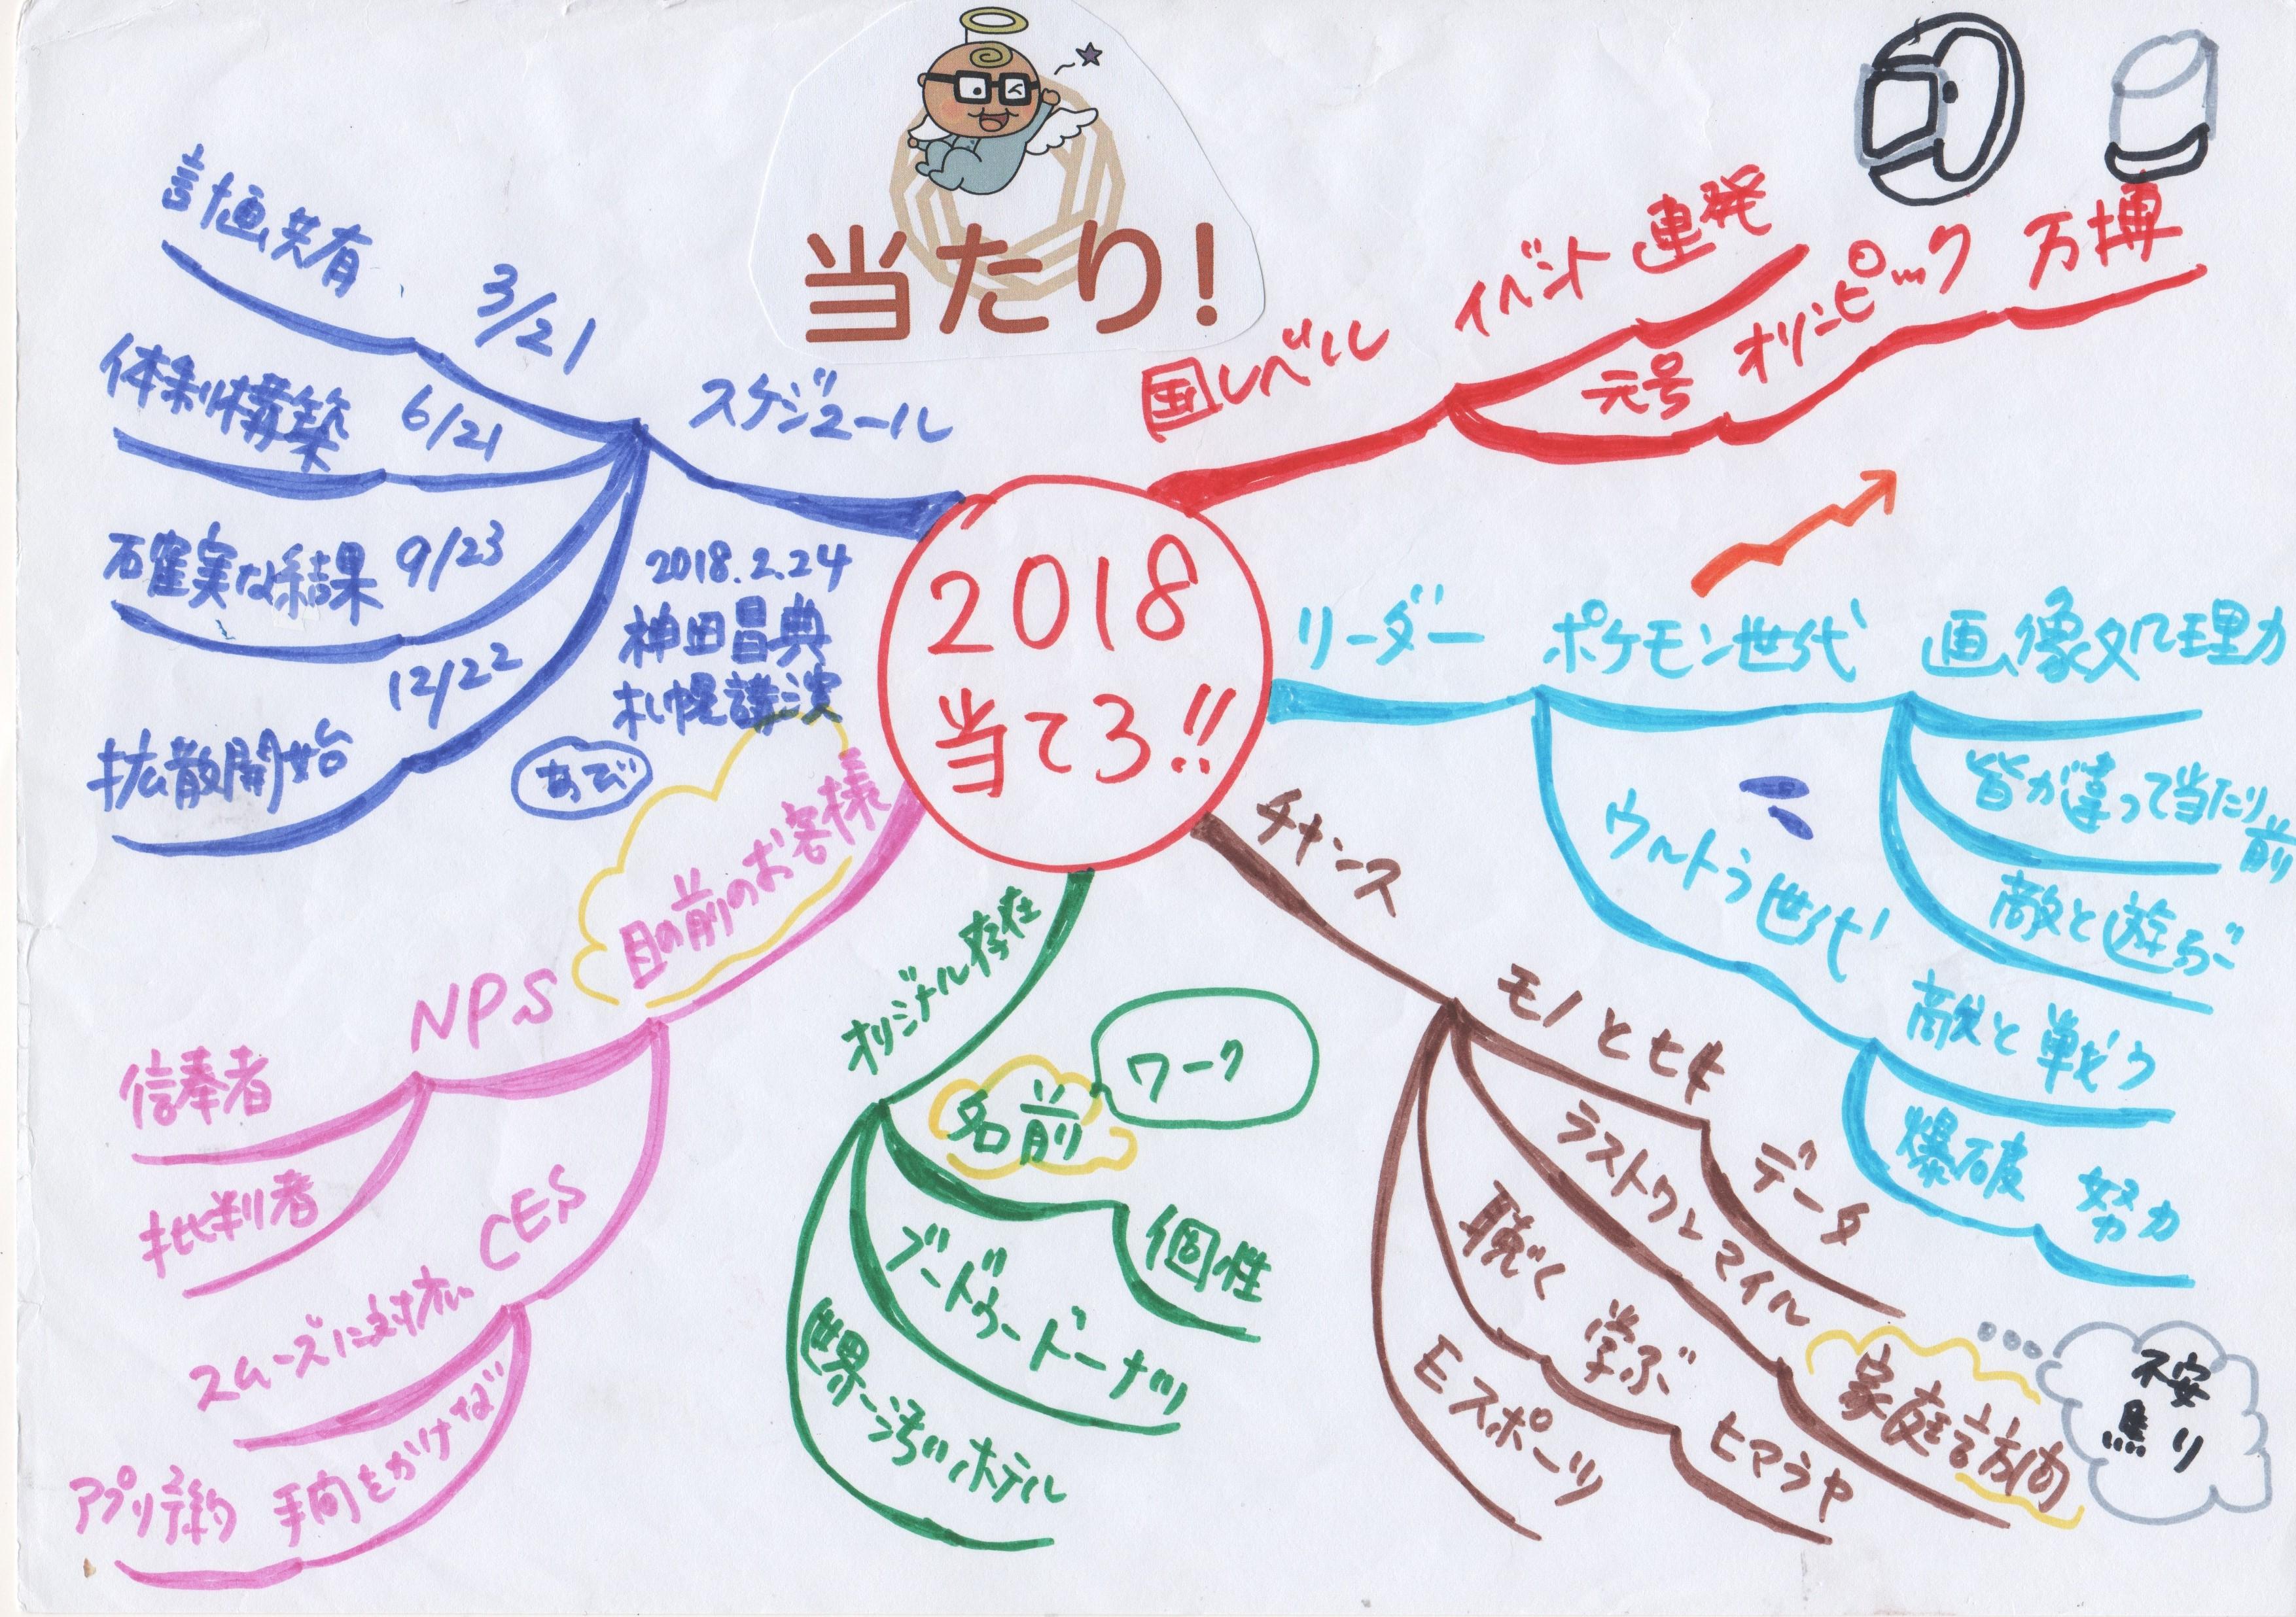 2018年神田昌典2022講演マインドマップ